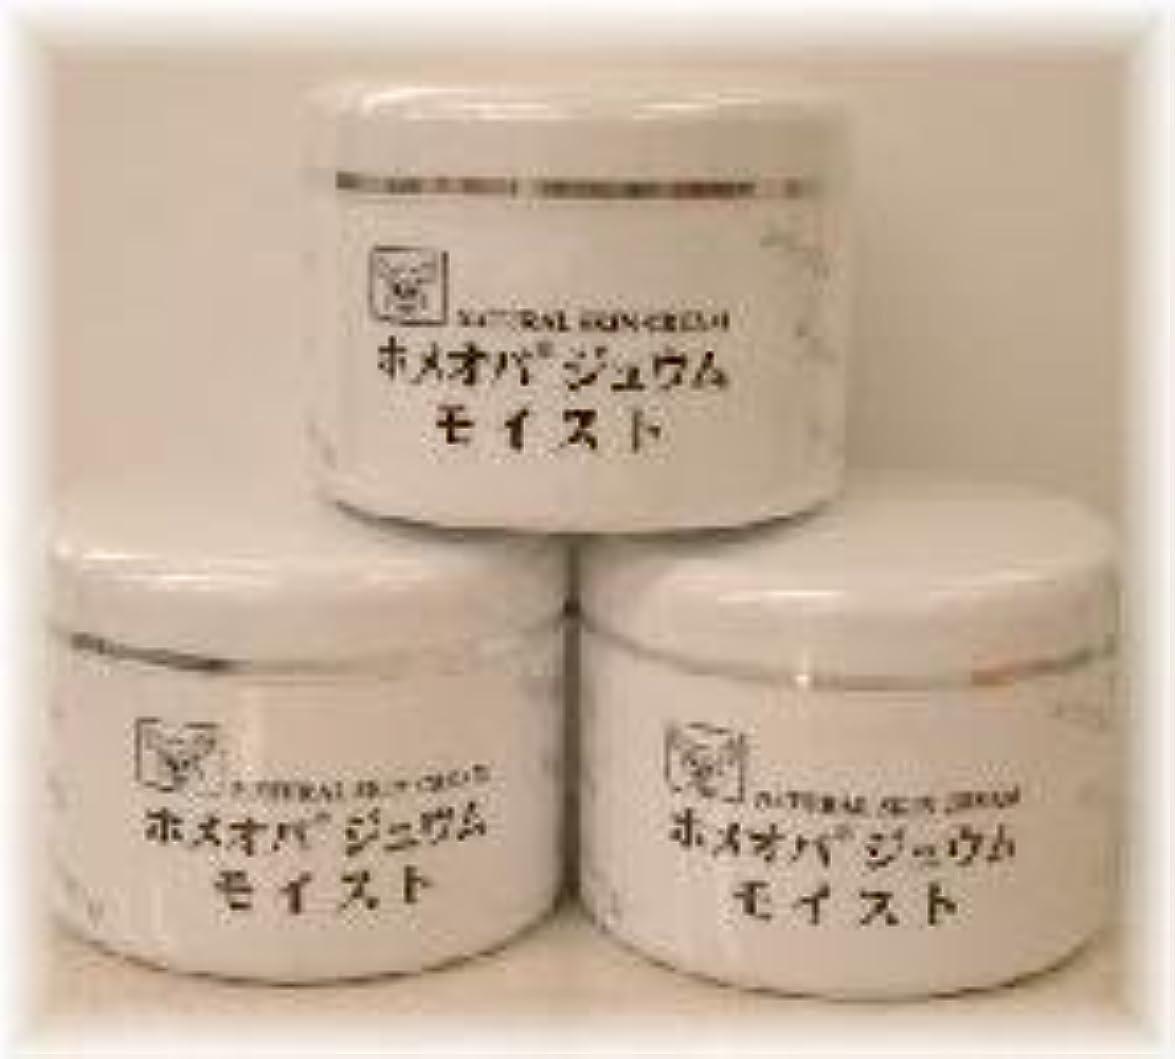 別々にコードディプロマホメオパジュウム スキンケア商品3点 ¥10500クリームモイストx3個